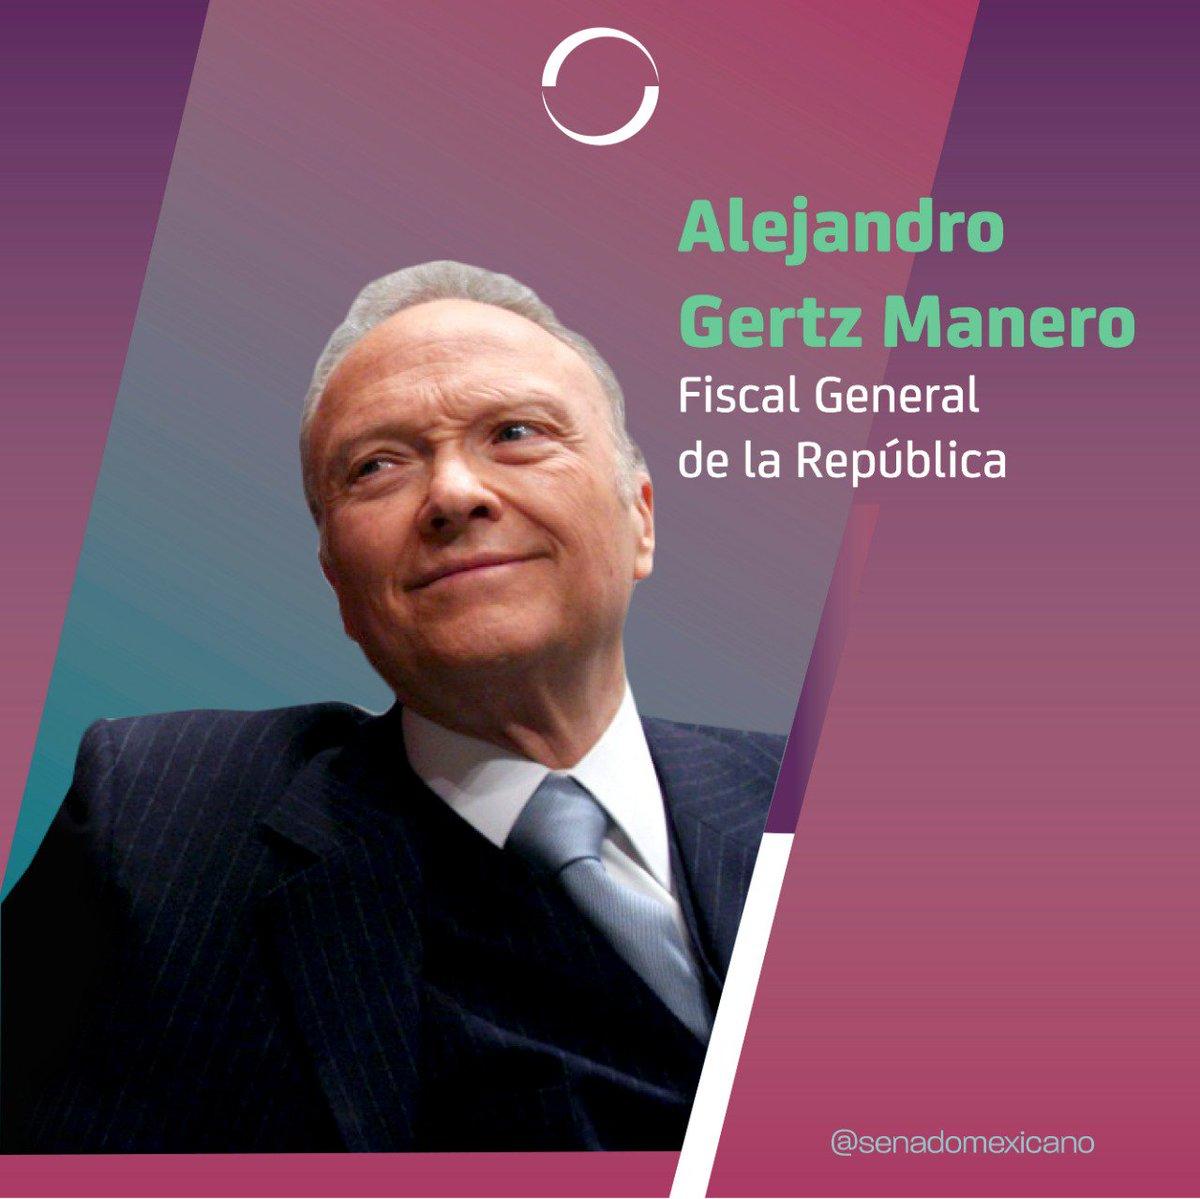 🔴 Con 91 votos a favor se designa a Alejandro Gertz Manero como Fiscal General de la República.